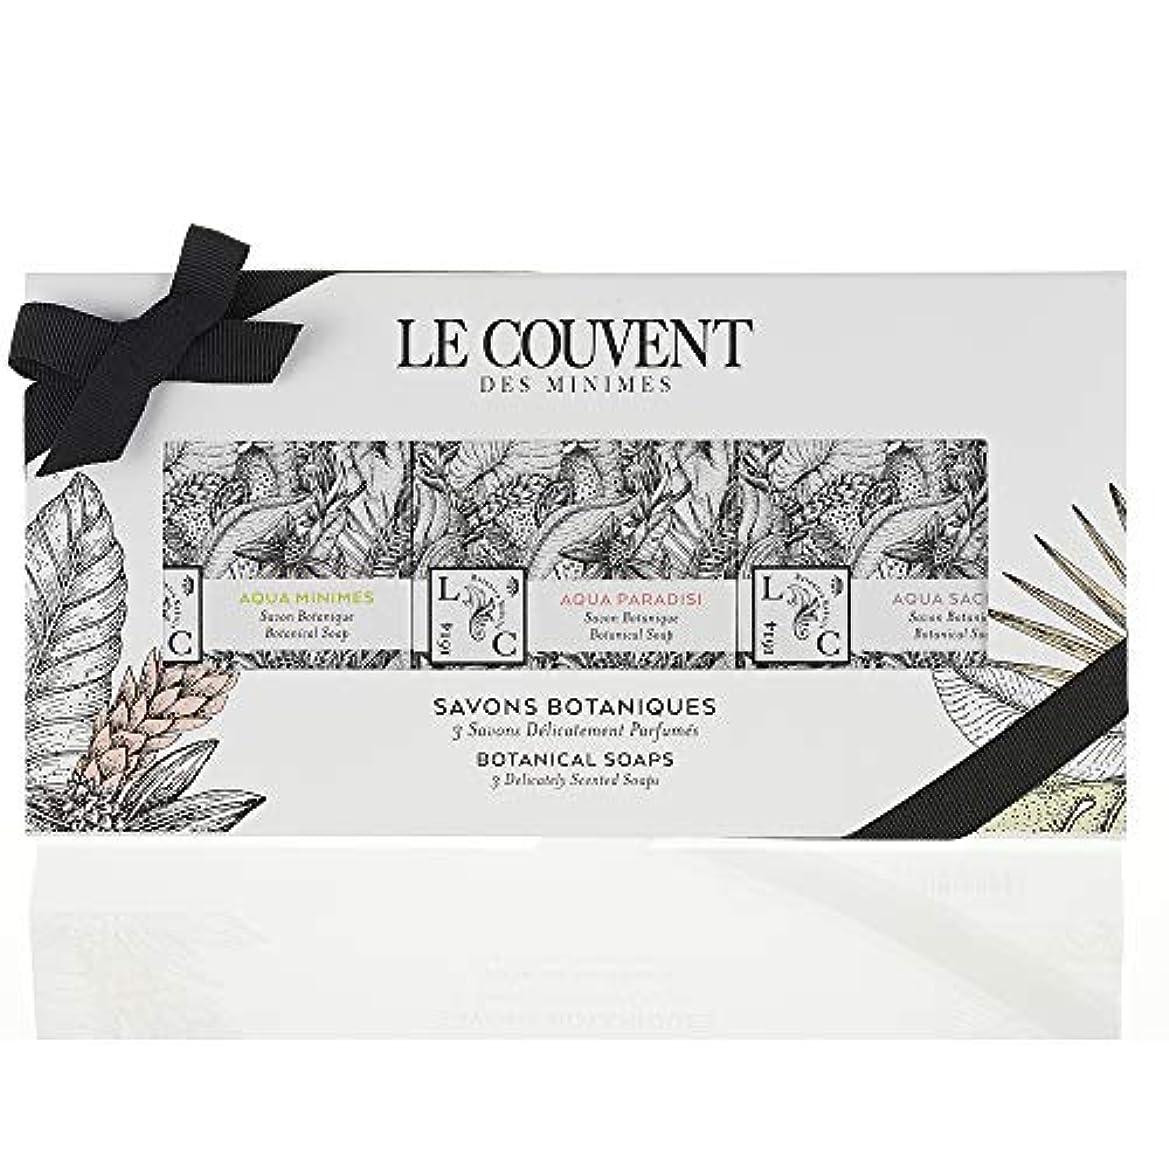 投資するフラグラント反発するクヴォン?デ?ミニム(Le Couvent des Minimes) ボタニカル ソープセット 石鹸 アクアミニム ボタニカルソープ、アクアパラディシ ボタニカルソープ、アクアサクラエ ボタニカルソープ各50g